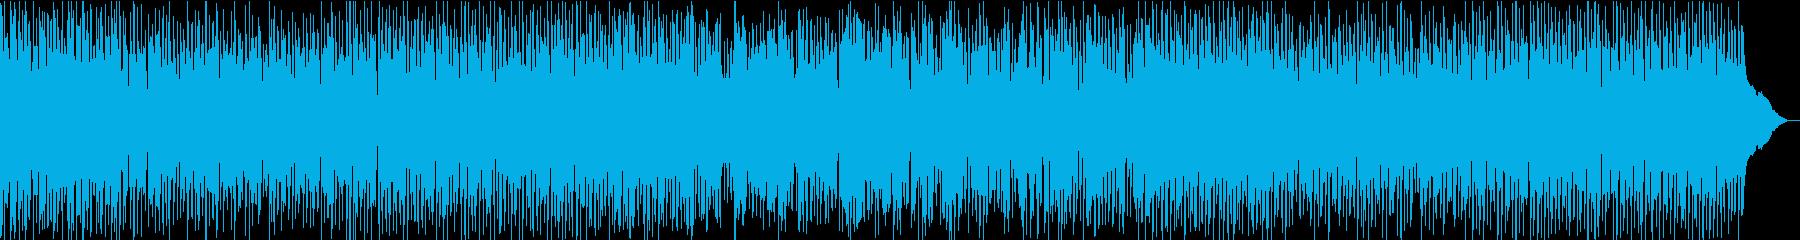 可愛く軽快なグロッケンメロディーポップスの再生済みの波形